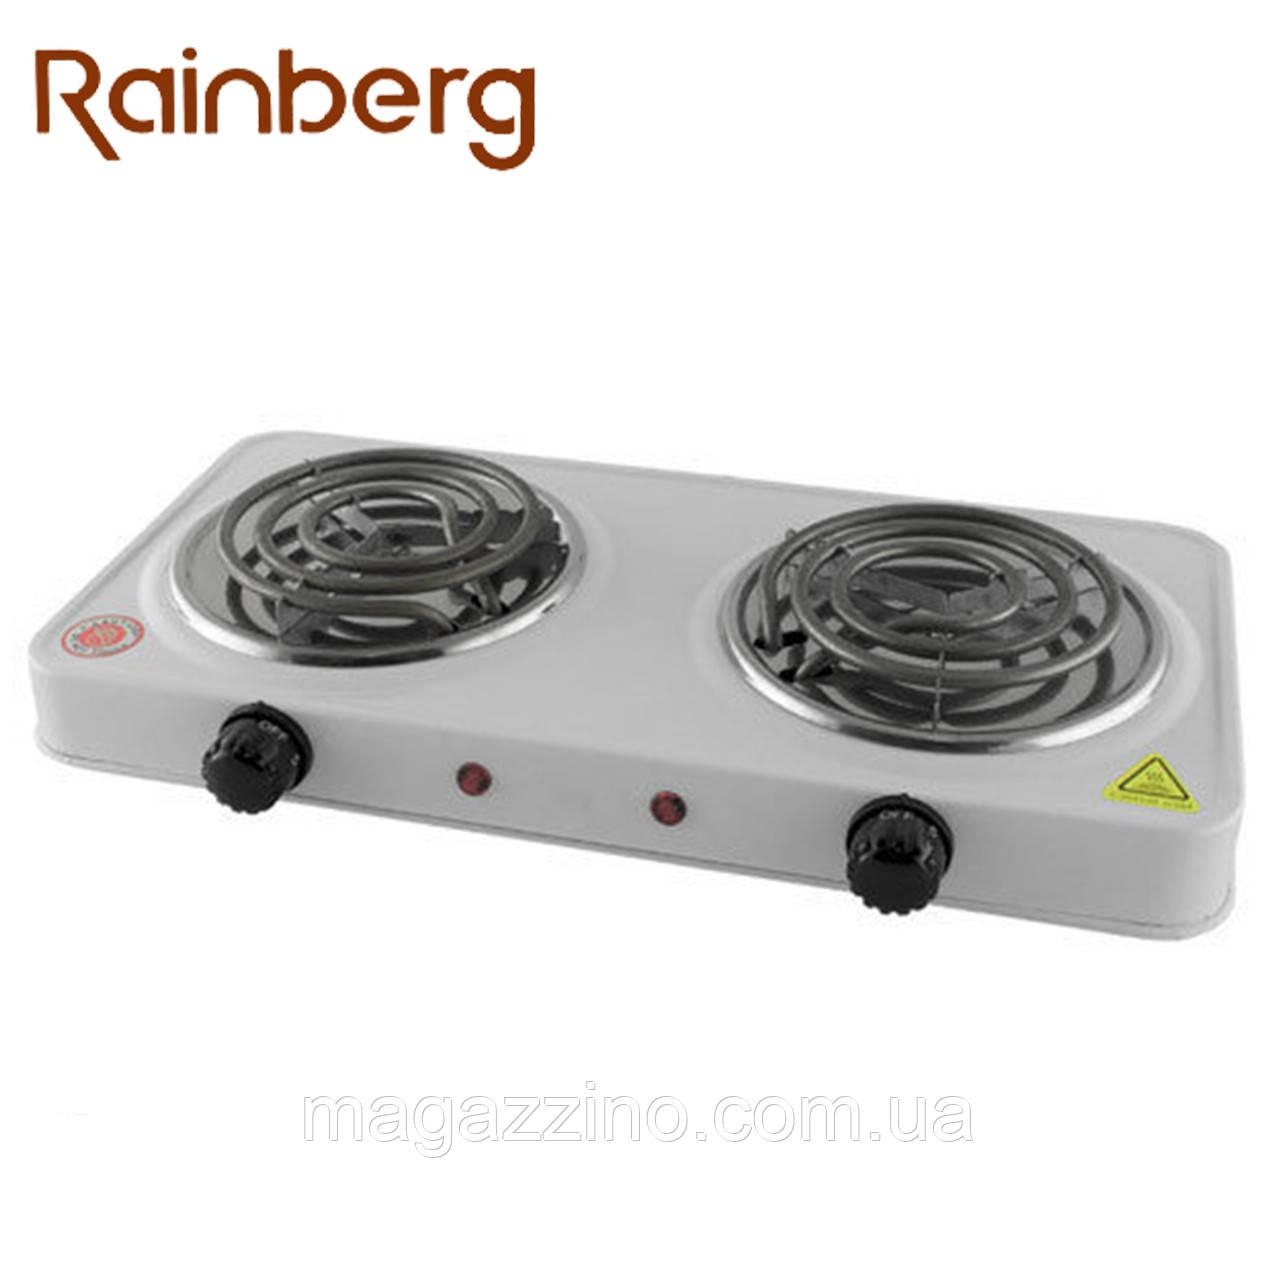 Электроплита на 2 конфорки Rainberg RB-888, 2400 Вт.